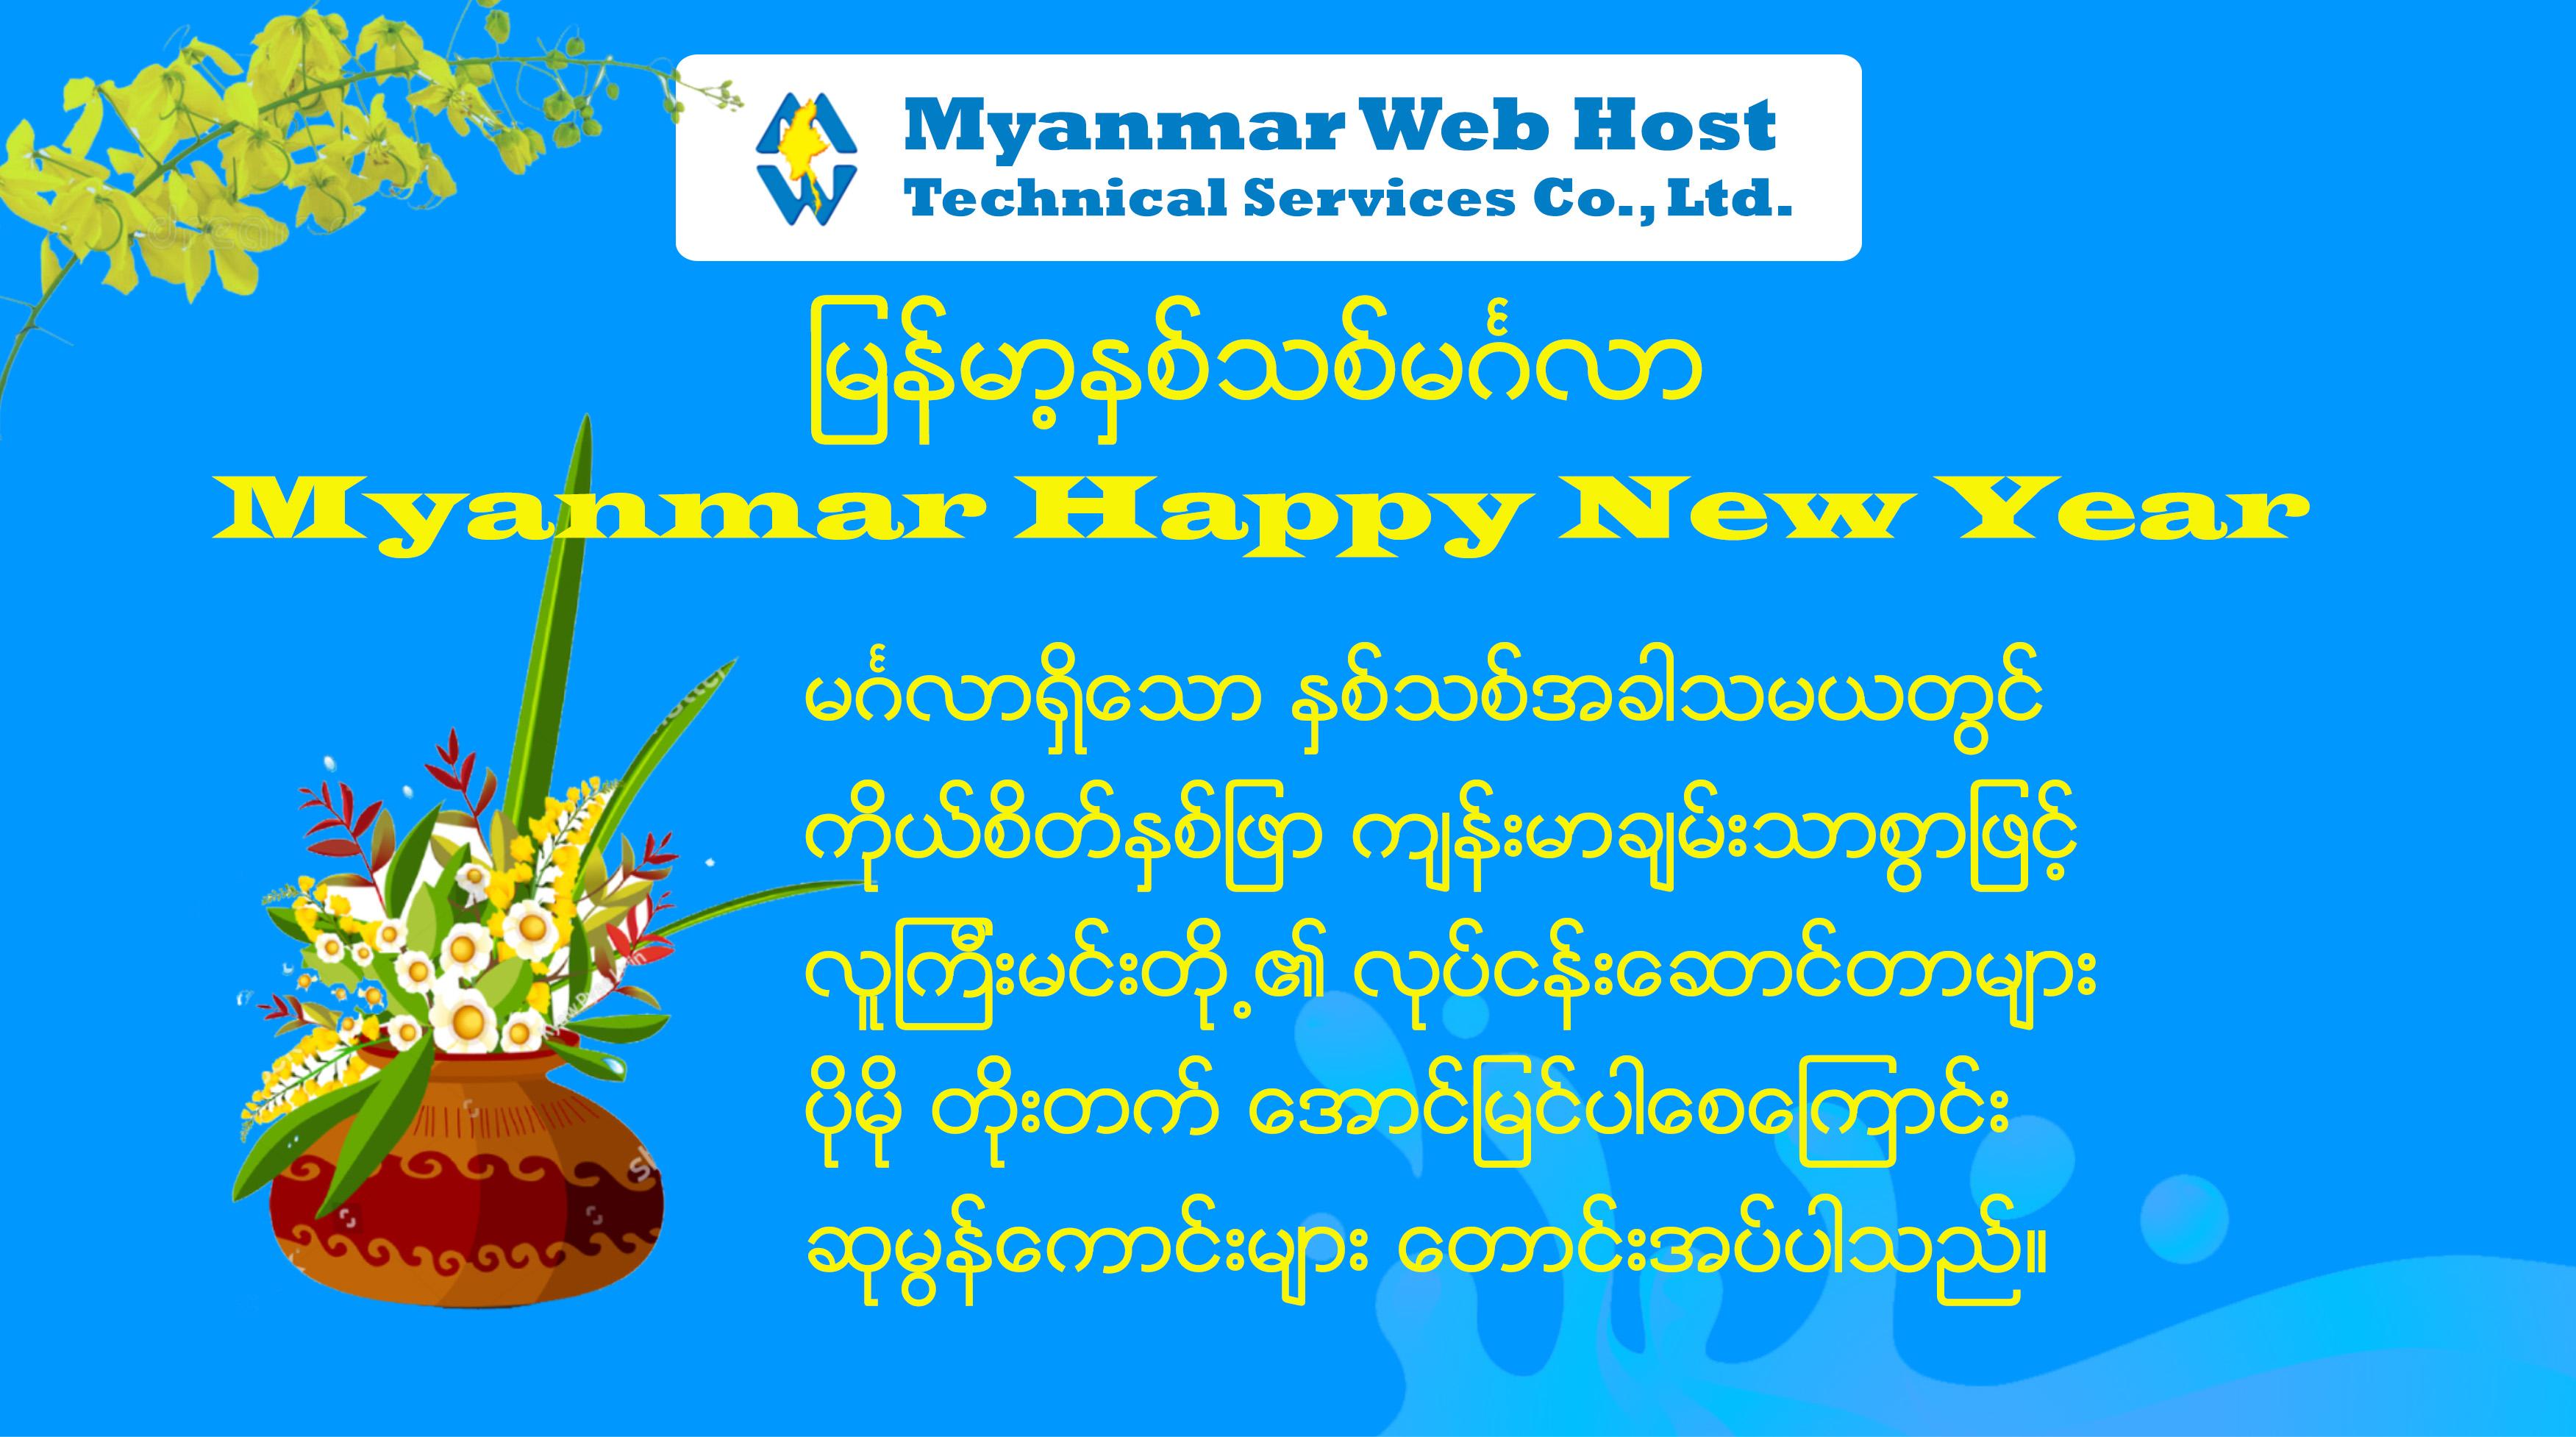 မြန်မာ့ နှစ်သစ်ကူး မင်္ဂလာ ******************************* Myanmar Happy New Year ******************************* မင်္ဂလာရှိသော နှစ်သစ်အခါသမယတွင် အားလုံး စိတ်ချမ်းသာ ကိုယ်ကျန်းမာစွာဖြင့် လုပ်ငန်းများ တိုးတက်အောင်မြင်ပါစေကြောင်း ဆုမွန်ကောင်းများ တောင်းအပ်ပါသည်။  #Myanmar#Web#Host #MyanmarWebHost …